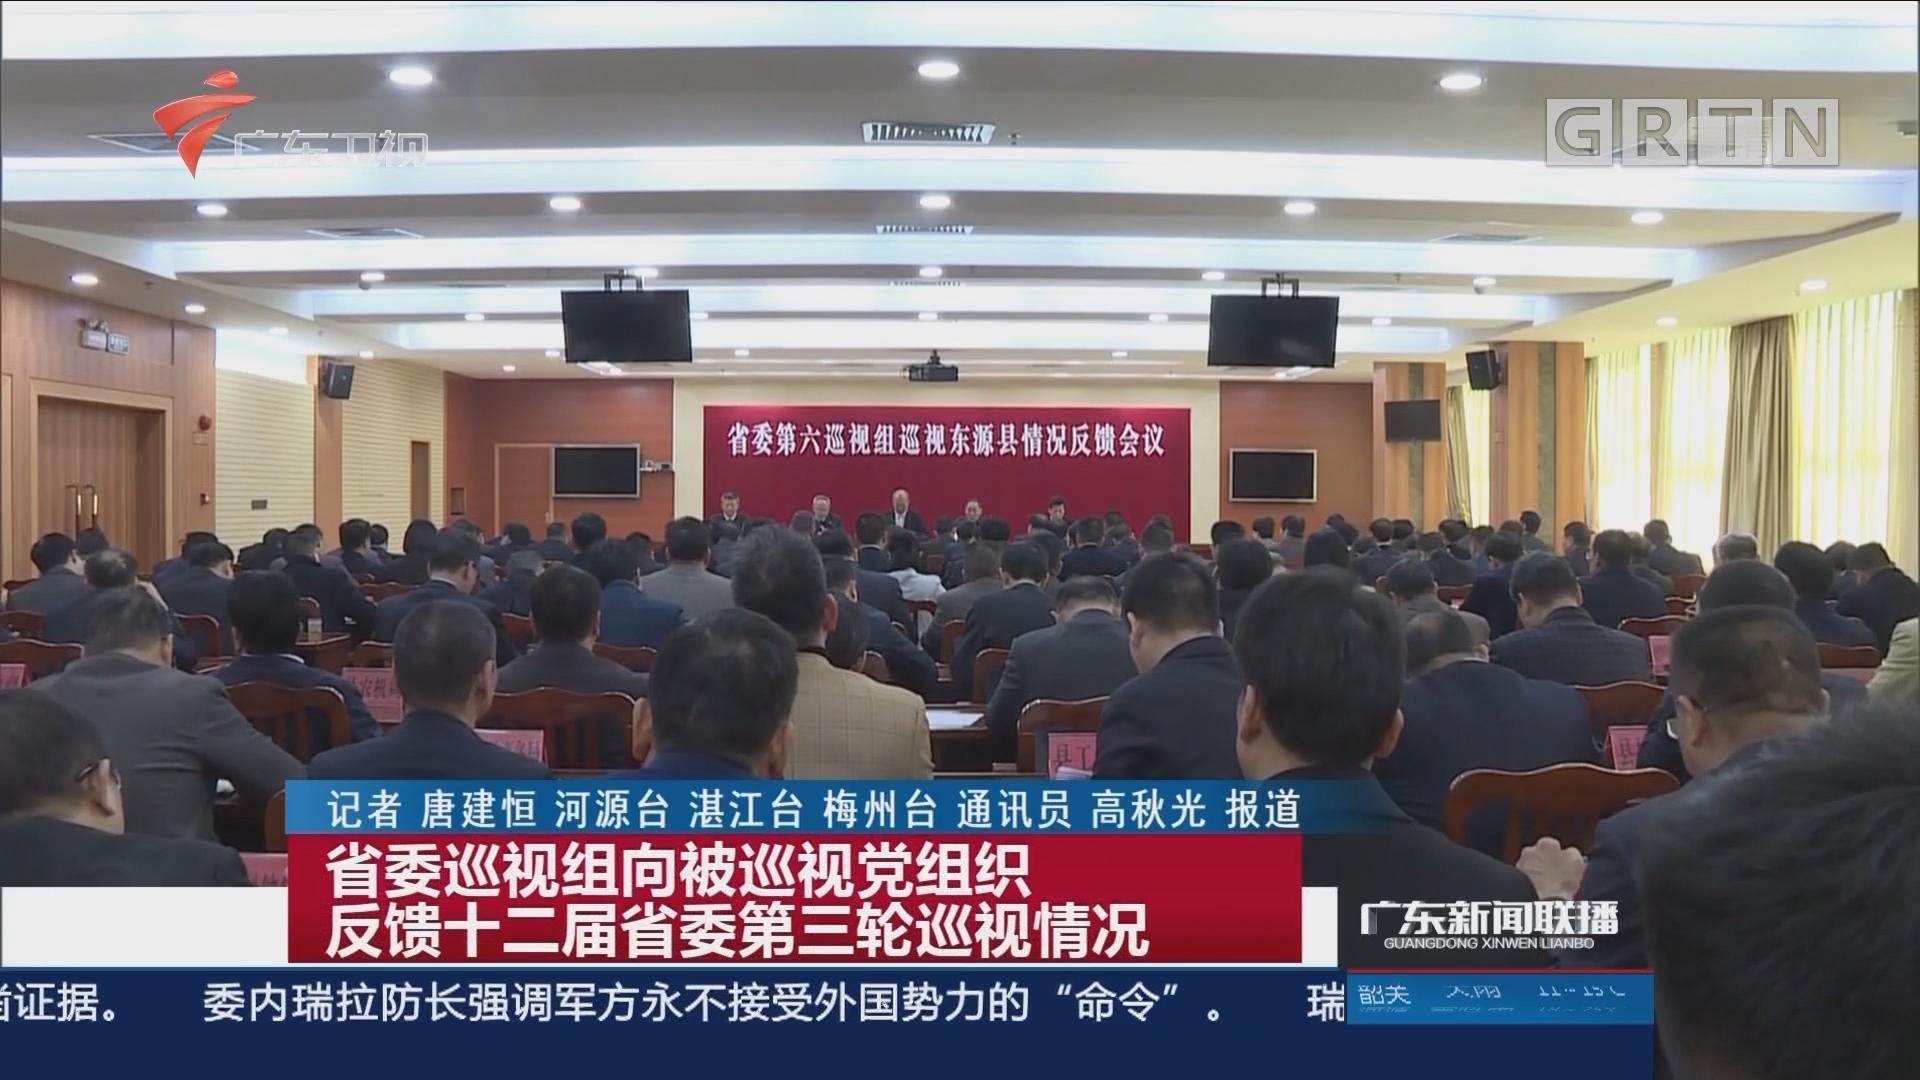 省委巡视组向被巡视党组织反馈十二届省委第三轮巡视情况